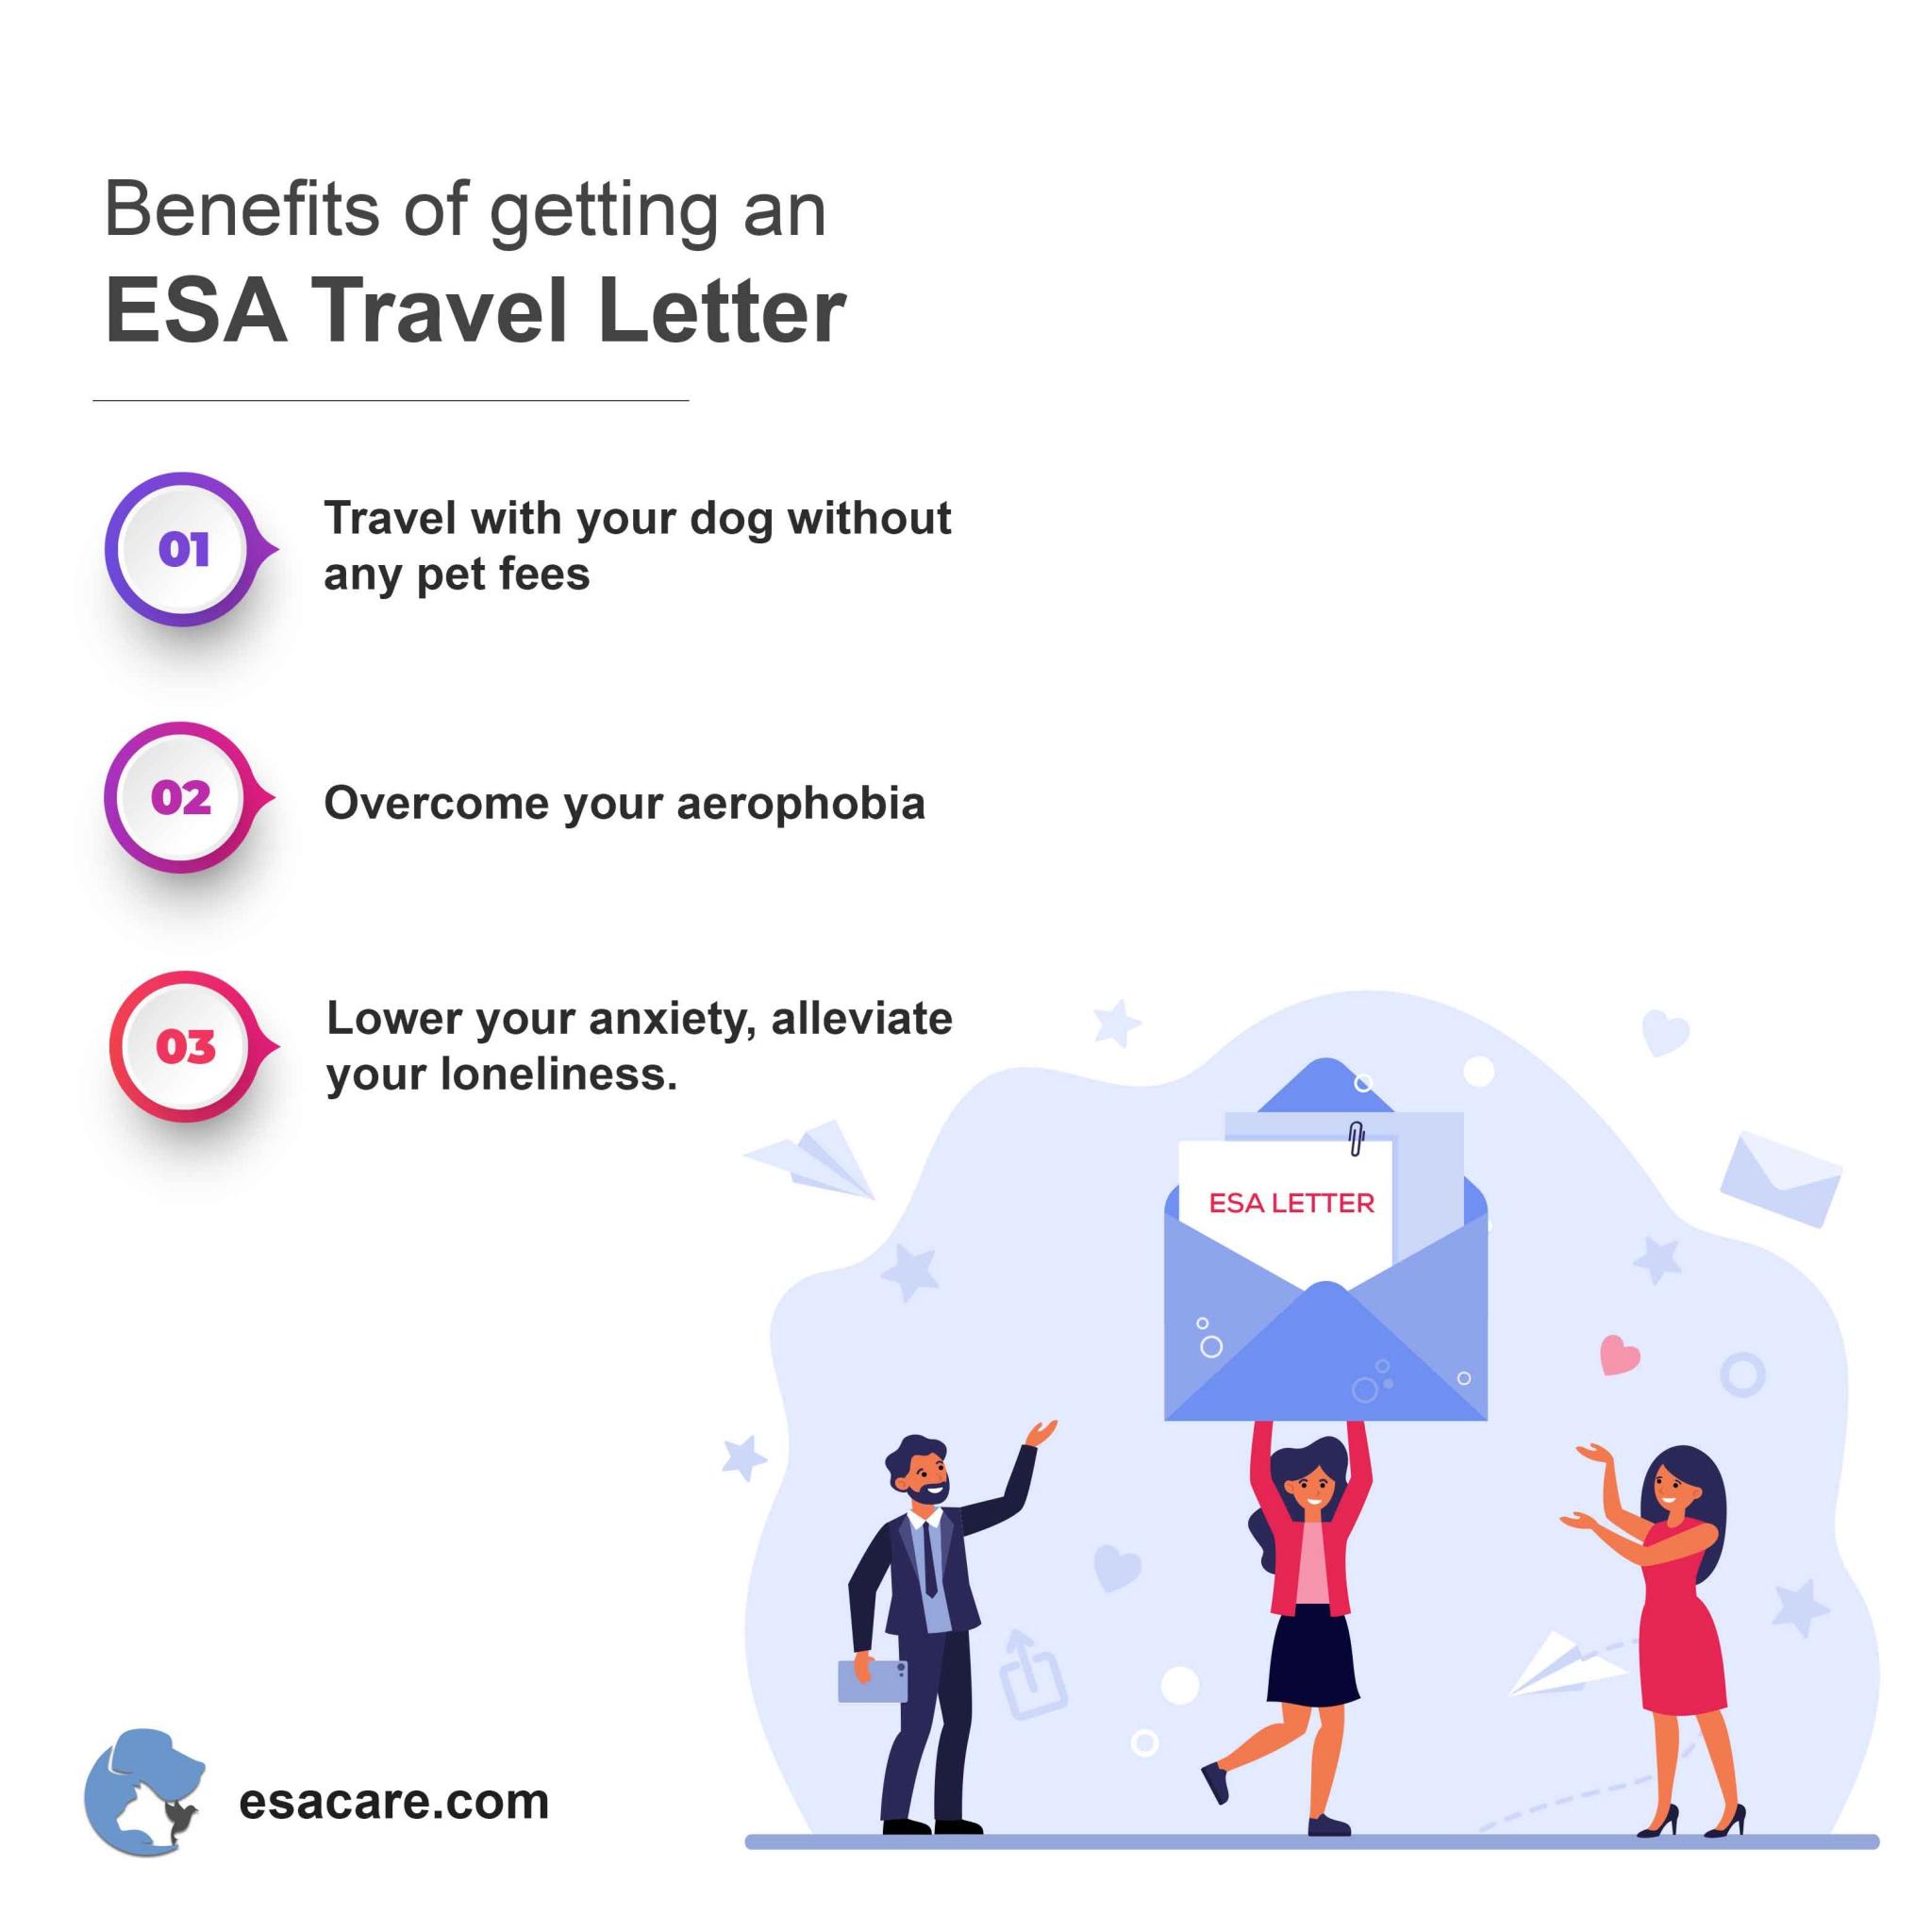 ESA travel letter